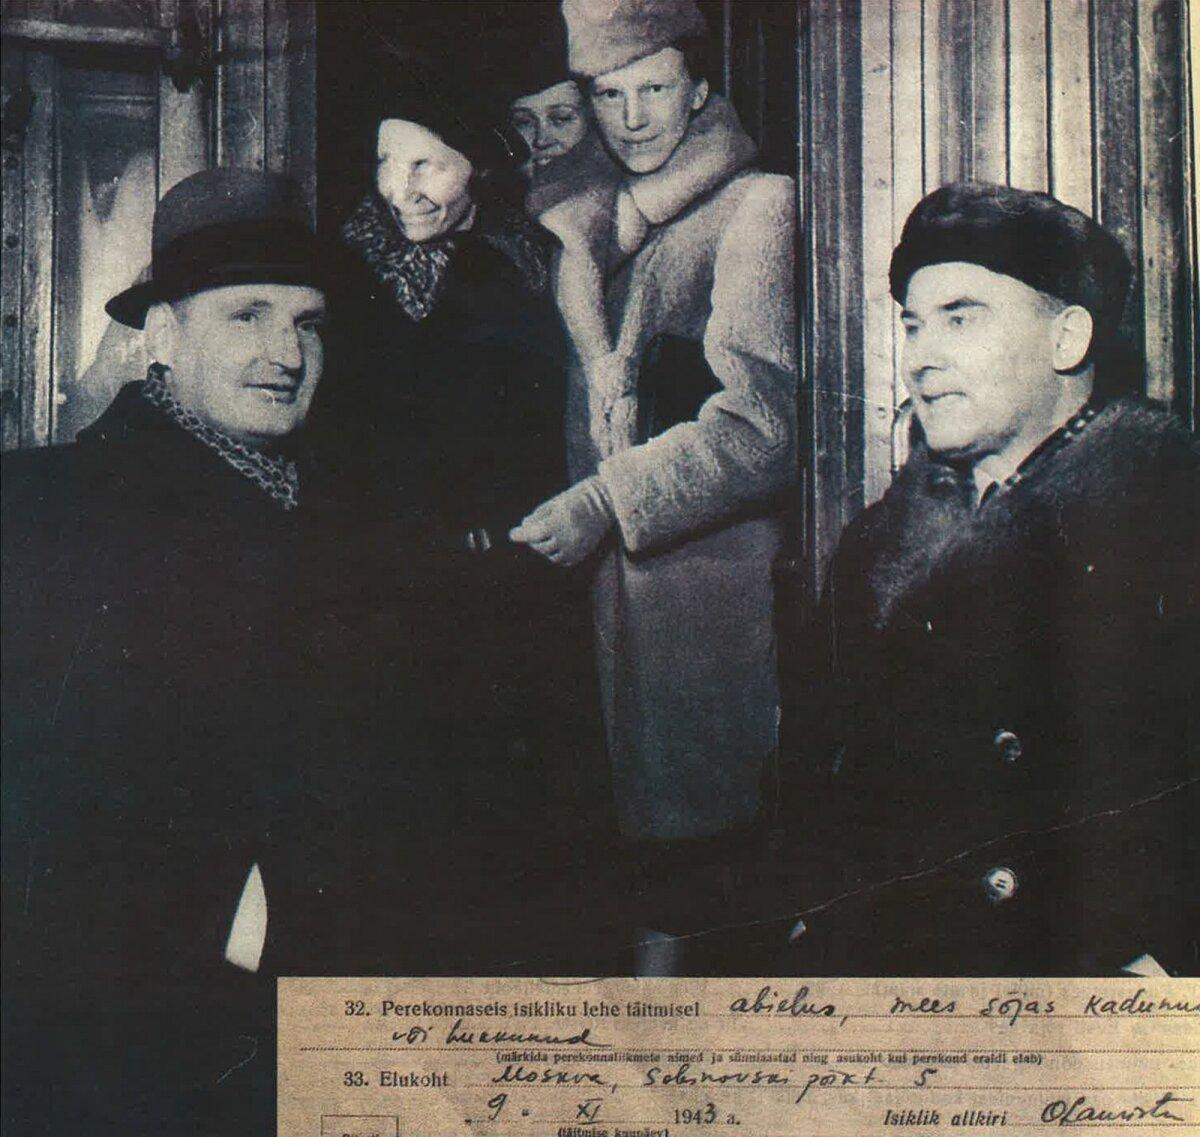 1941: NSV Liidu Ülemnõukogu liikmed sõidavad Balti jaamast rongiga Moskvasse. Vasakult: V. Botškarjov, Juliana Telman, A. Haberman, Olga Lauristin ja Johannes Vares-Barbarus. Allpool välja võte Olga Lauristini parteitoimikust.